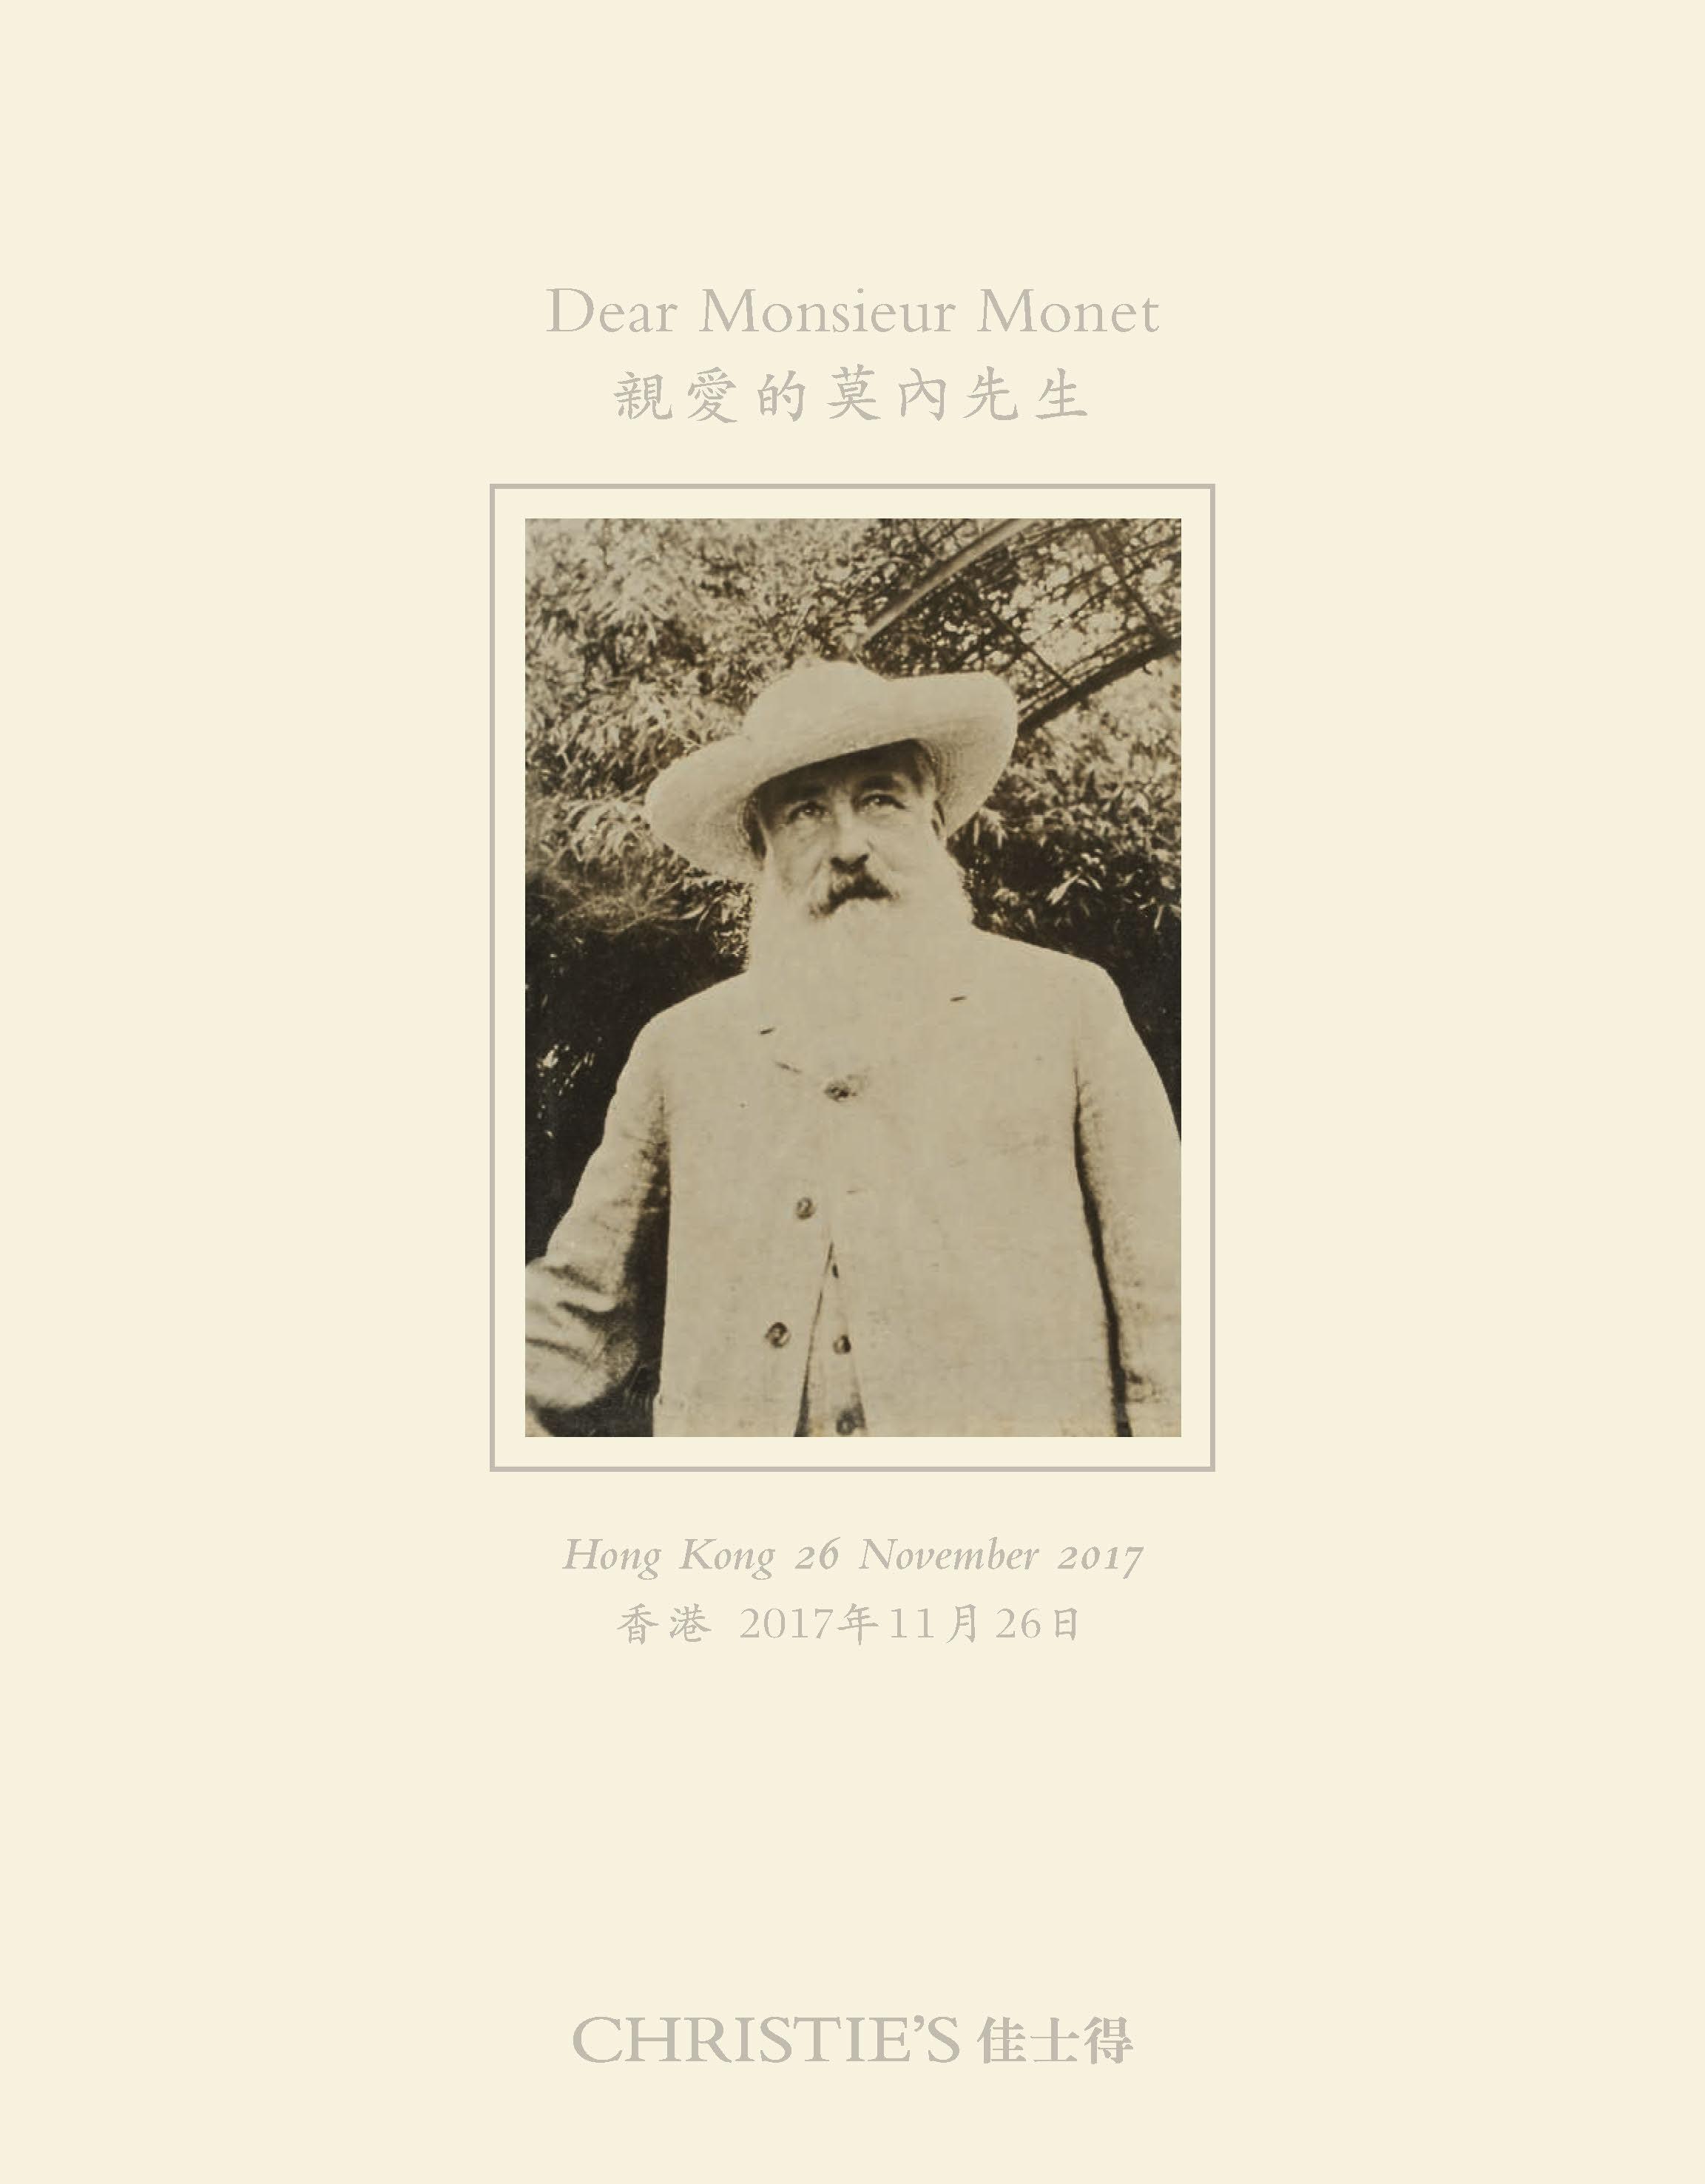 親愛的莫內先生